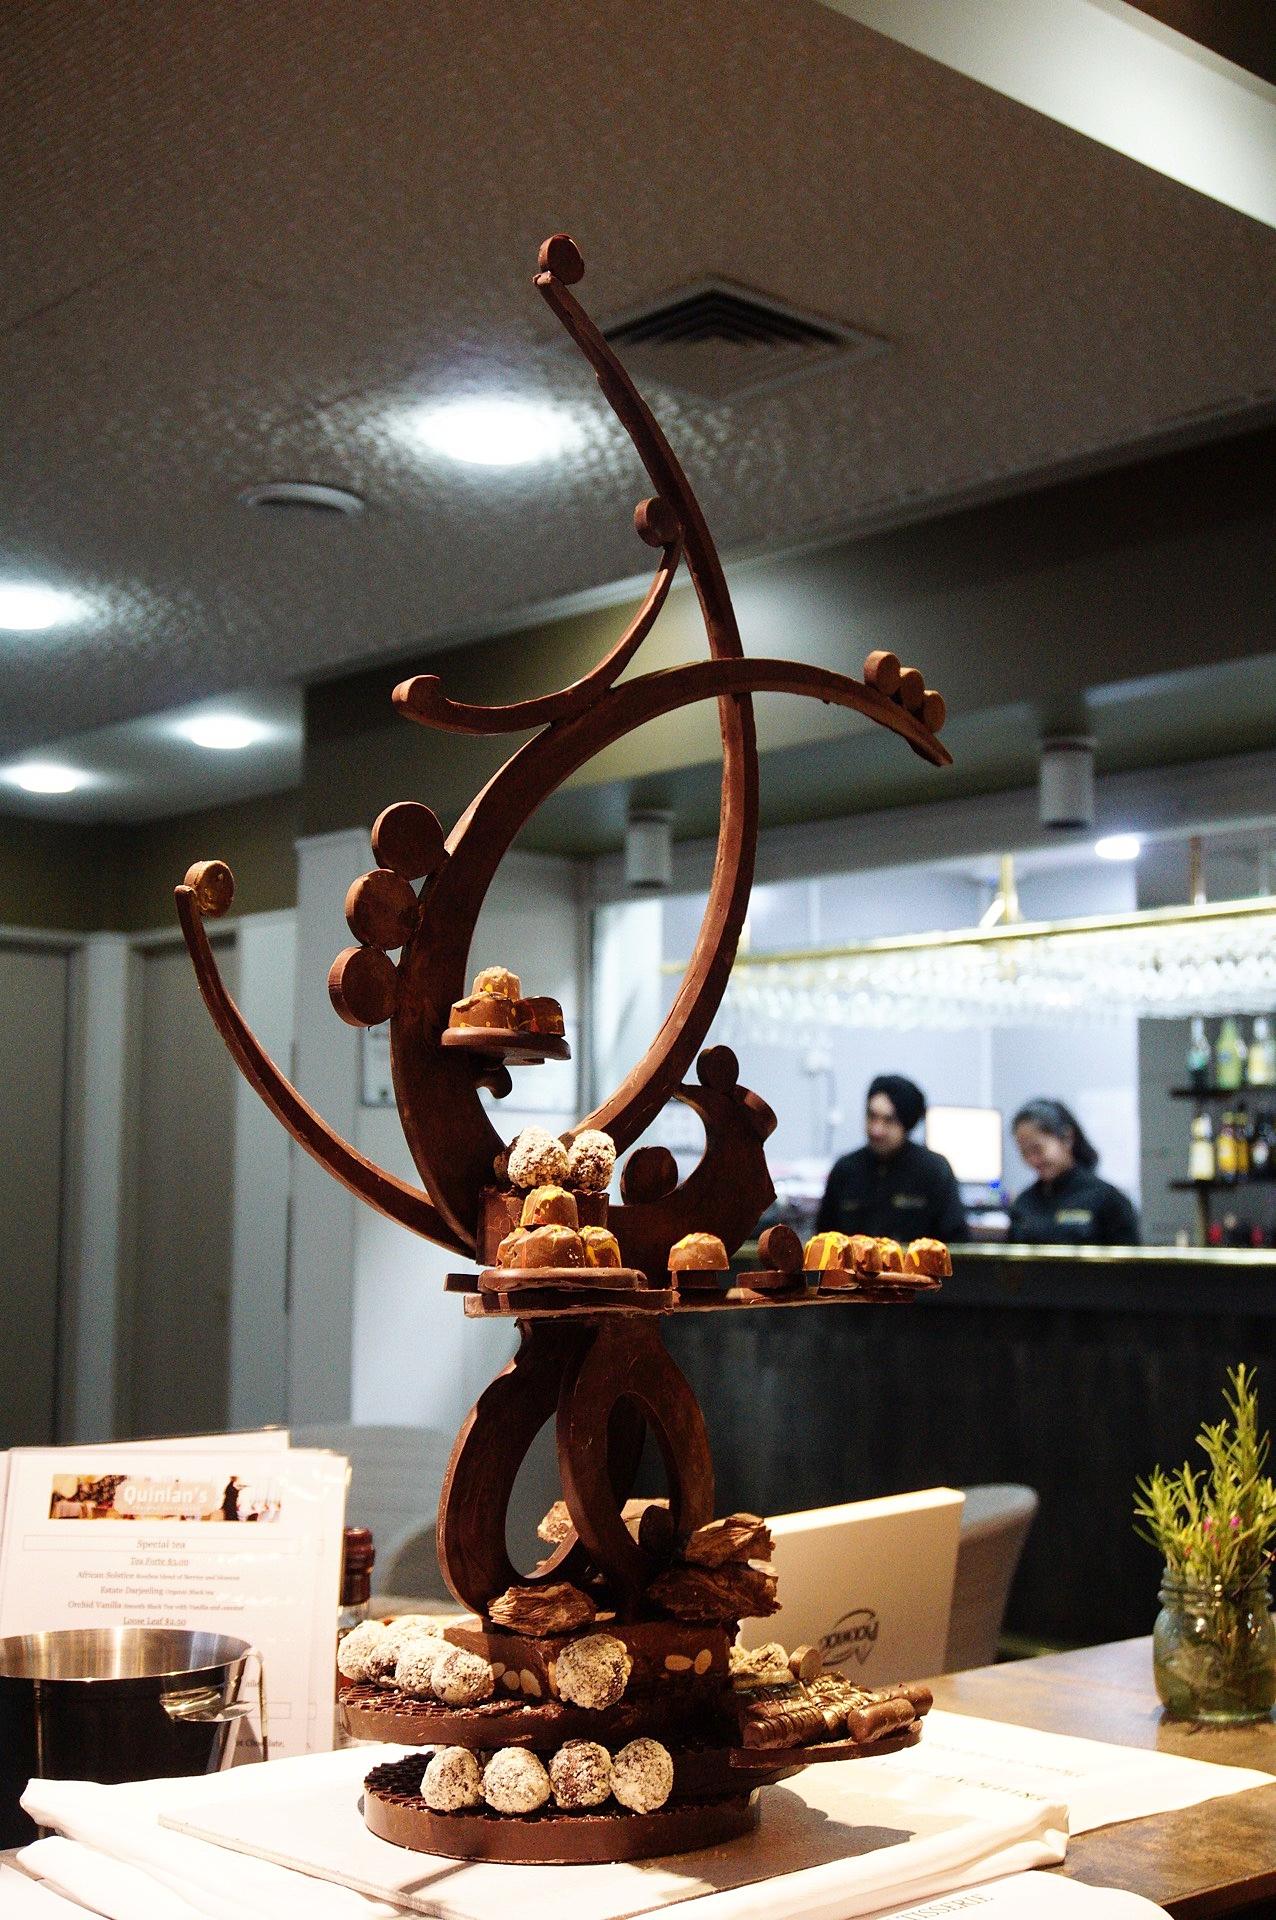 Amazing Chocolate Sculpture